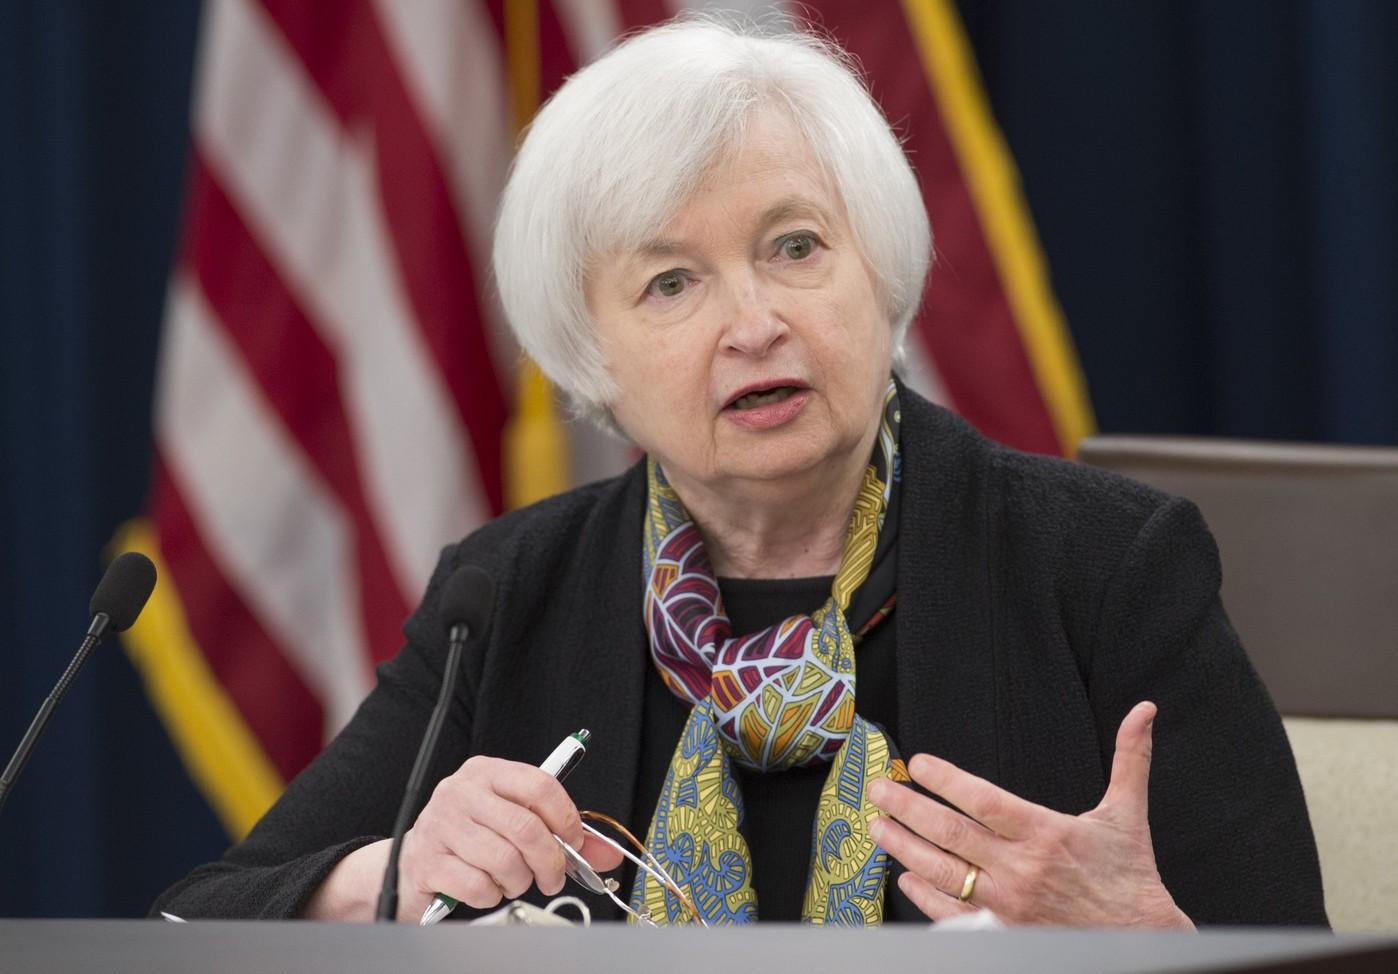 Bộ trưởng Tài chính Mỹ: Nền kinh tế khó có thể tăng trưởng 'quá nóng'